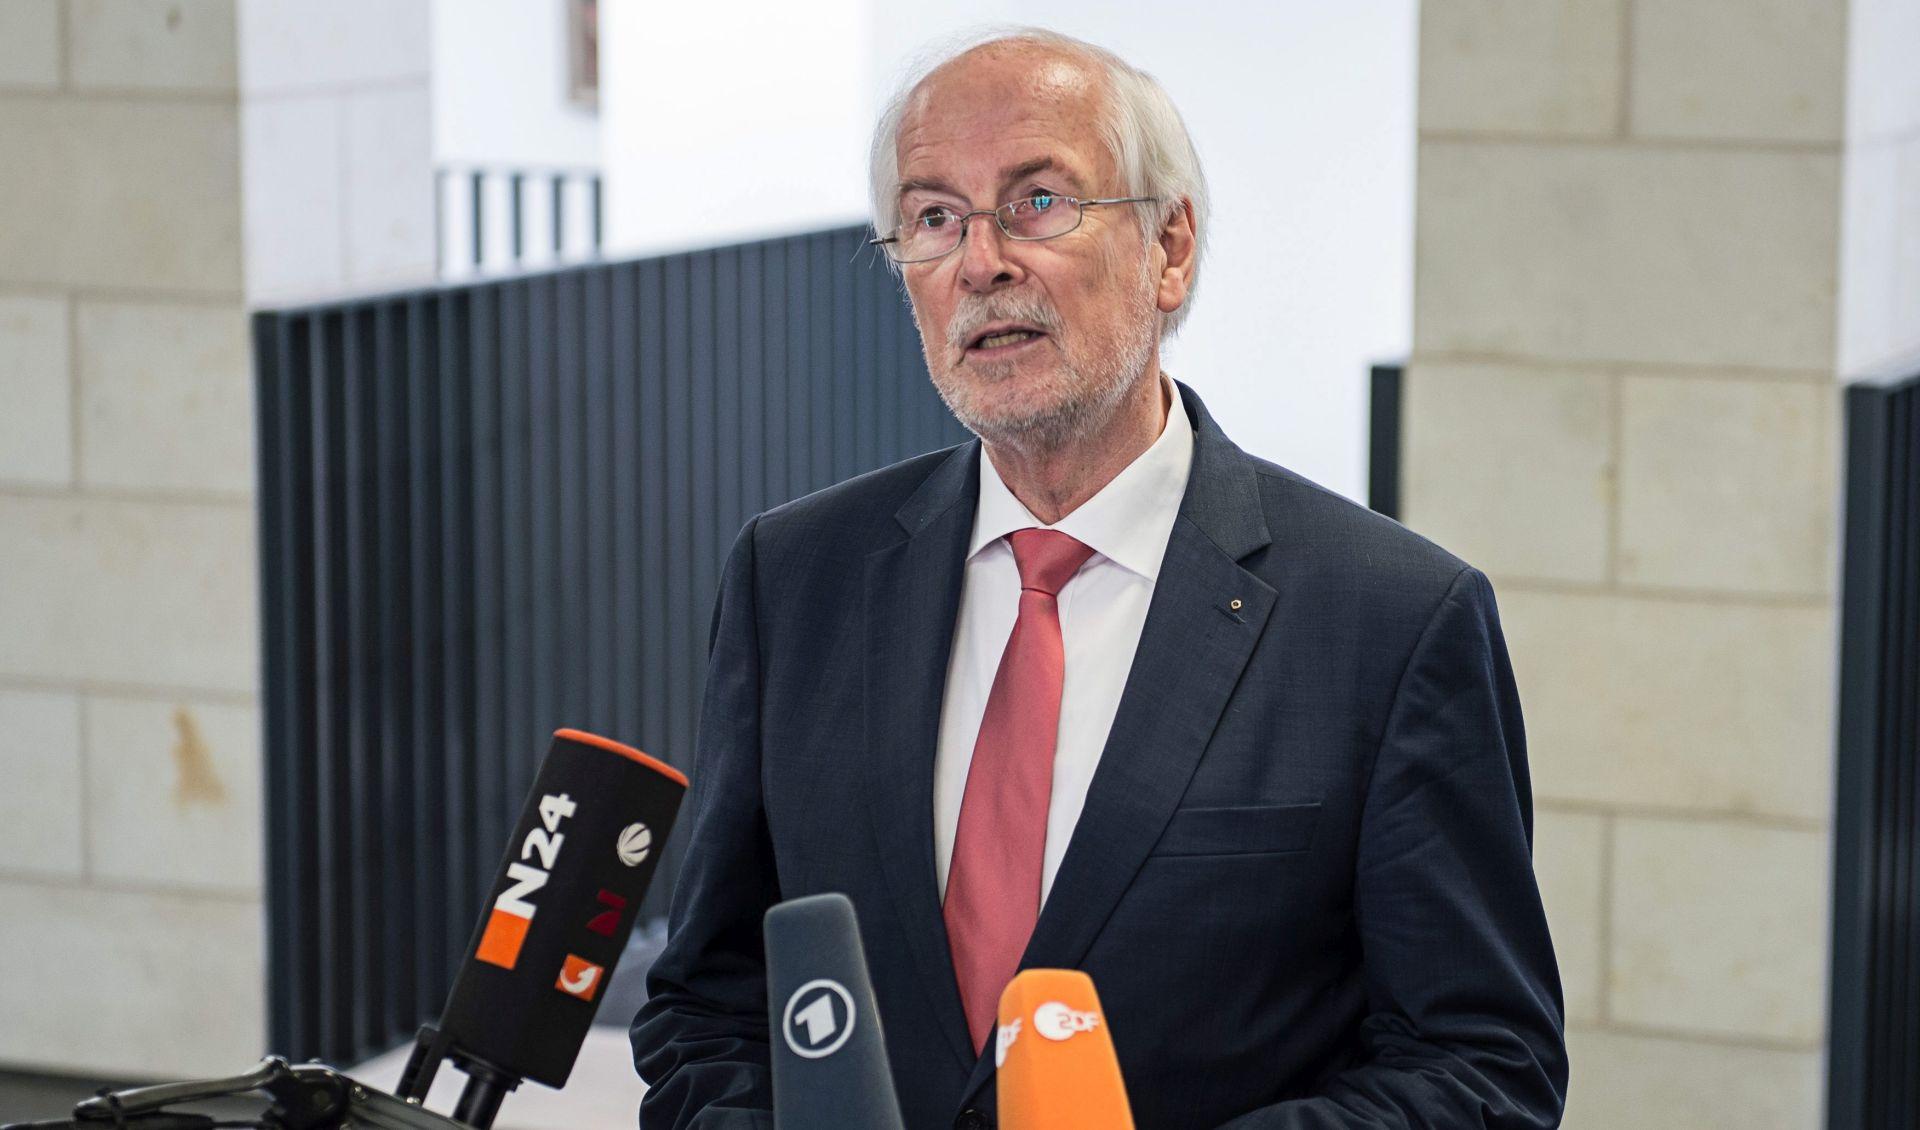 Njemački tužitelj optužio vladu za miješanje u interne provjere